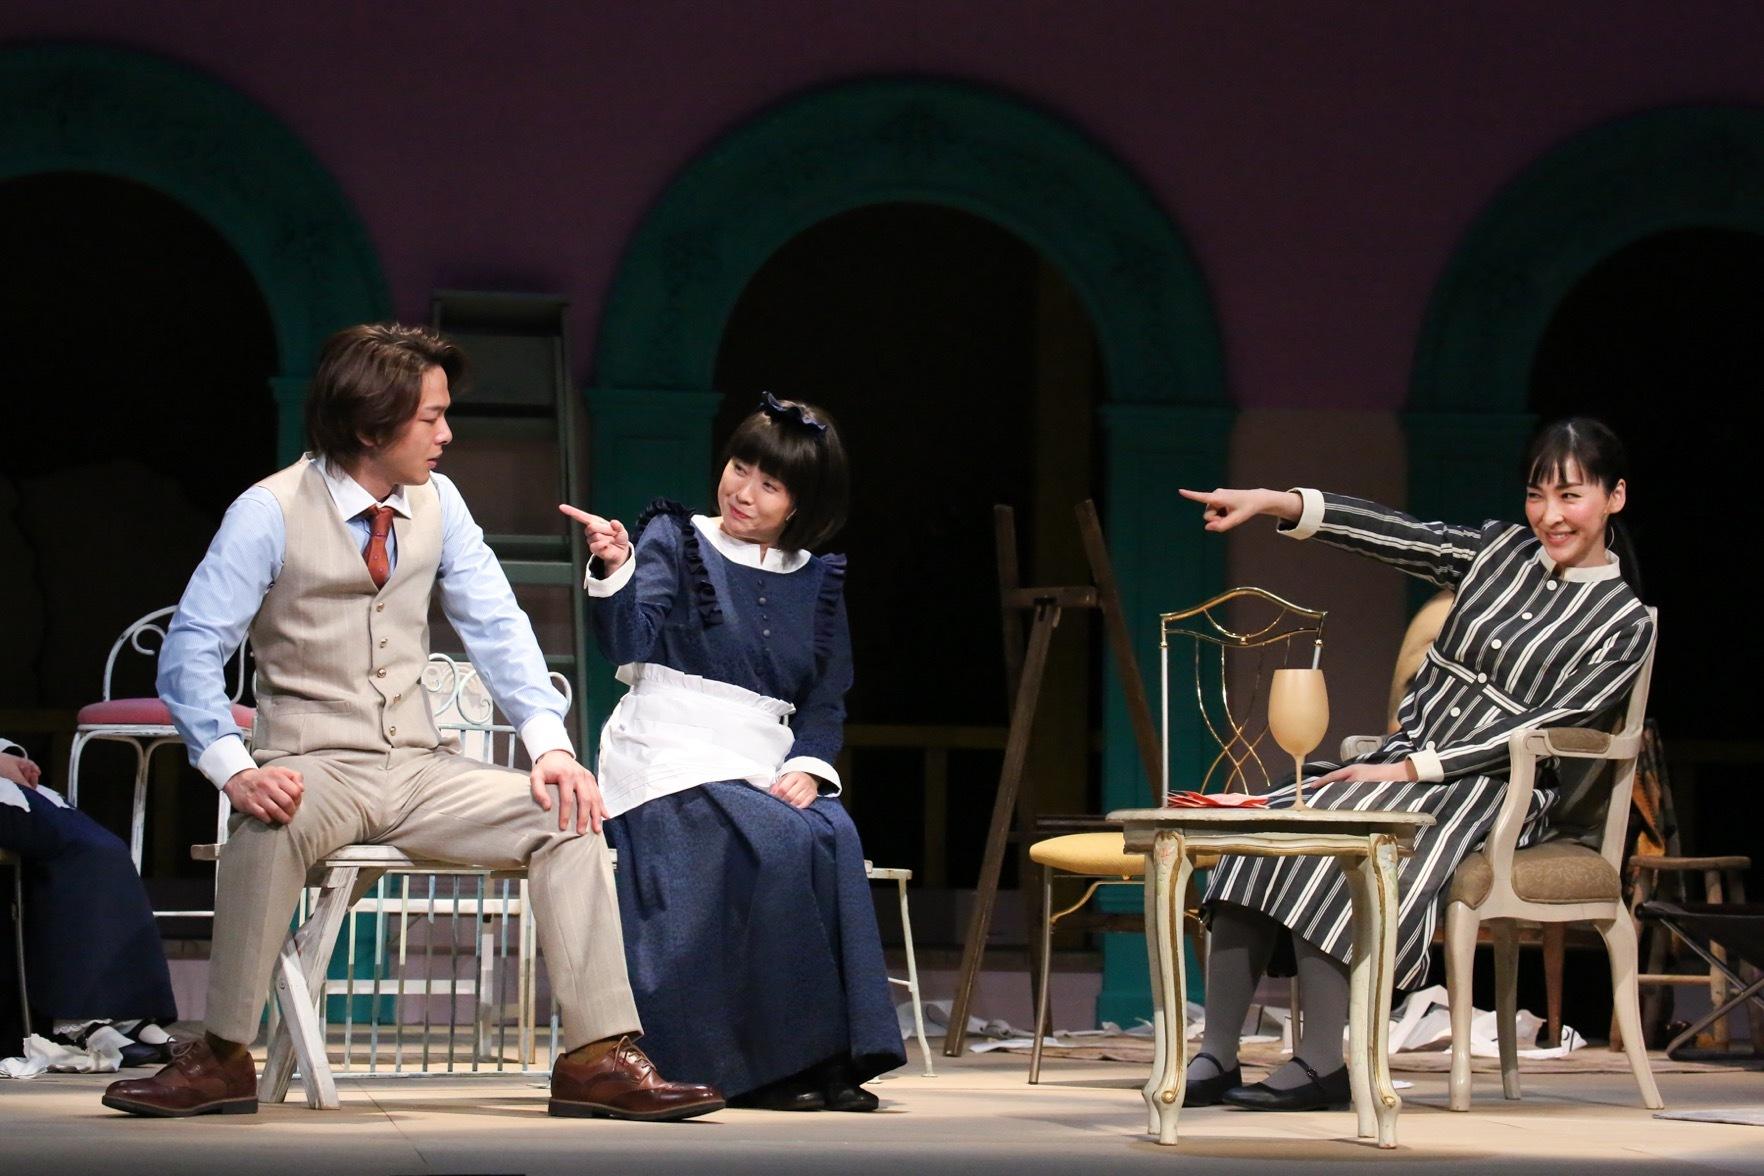 『クラッシャー女中』左:中村倫也、中央:佐藤真弓、右:麻生久美子 撮影:宮川舞子